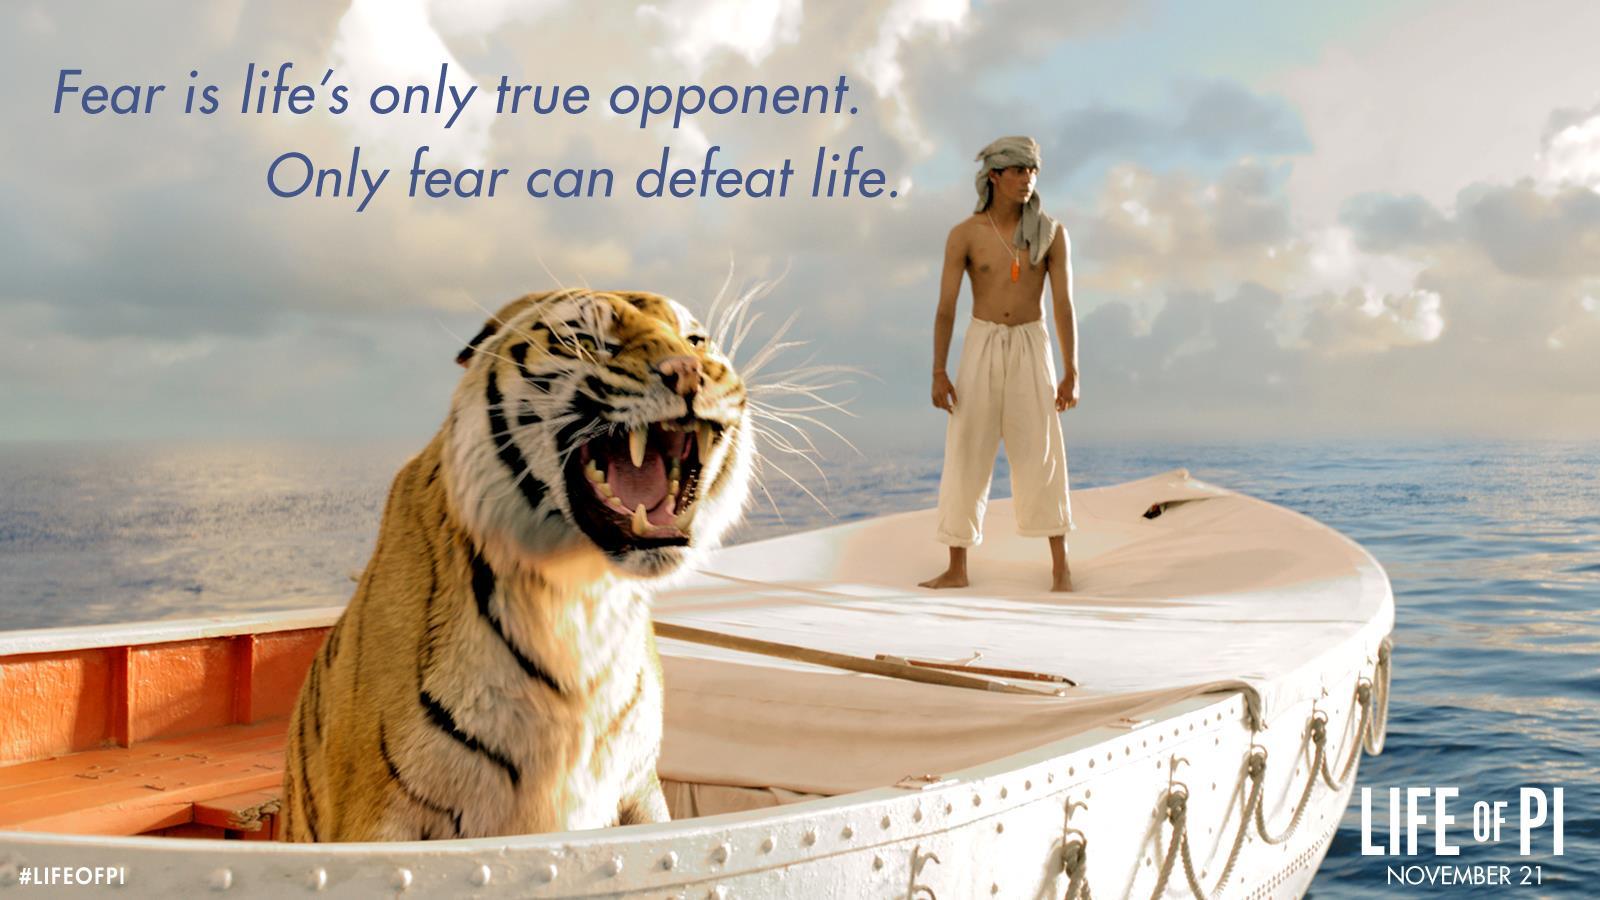 Quote Of Life Of Pi Quotesaga